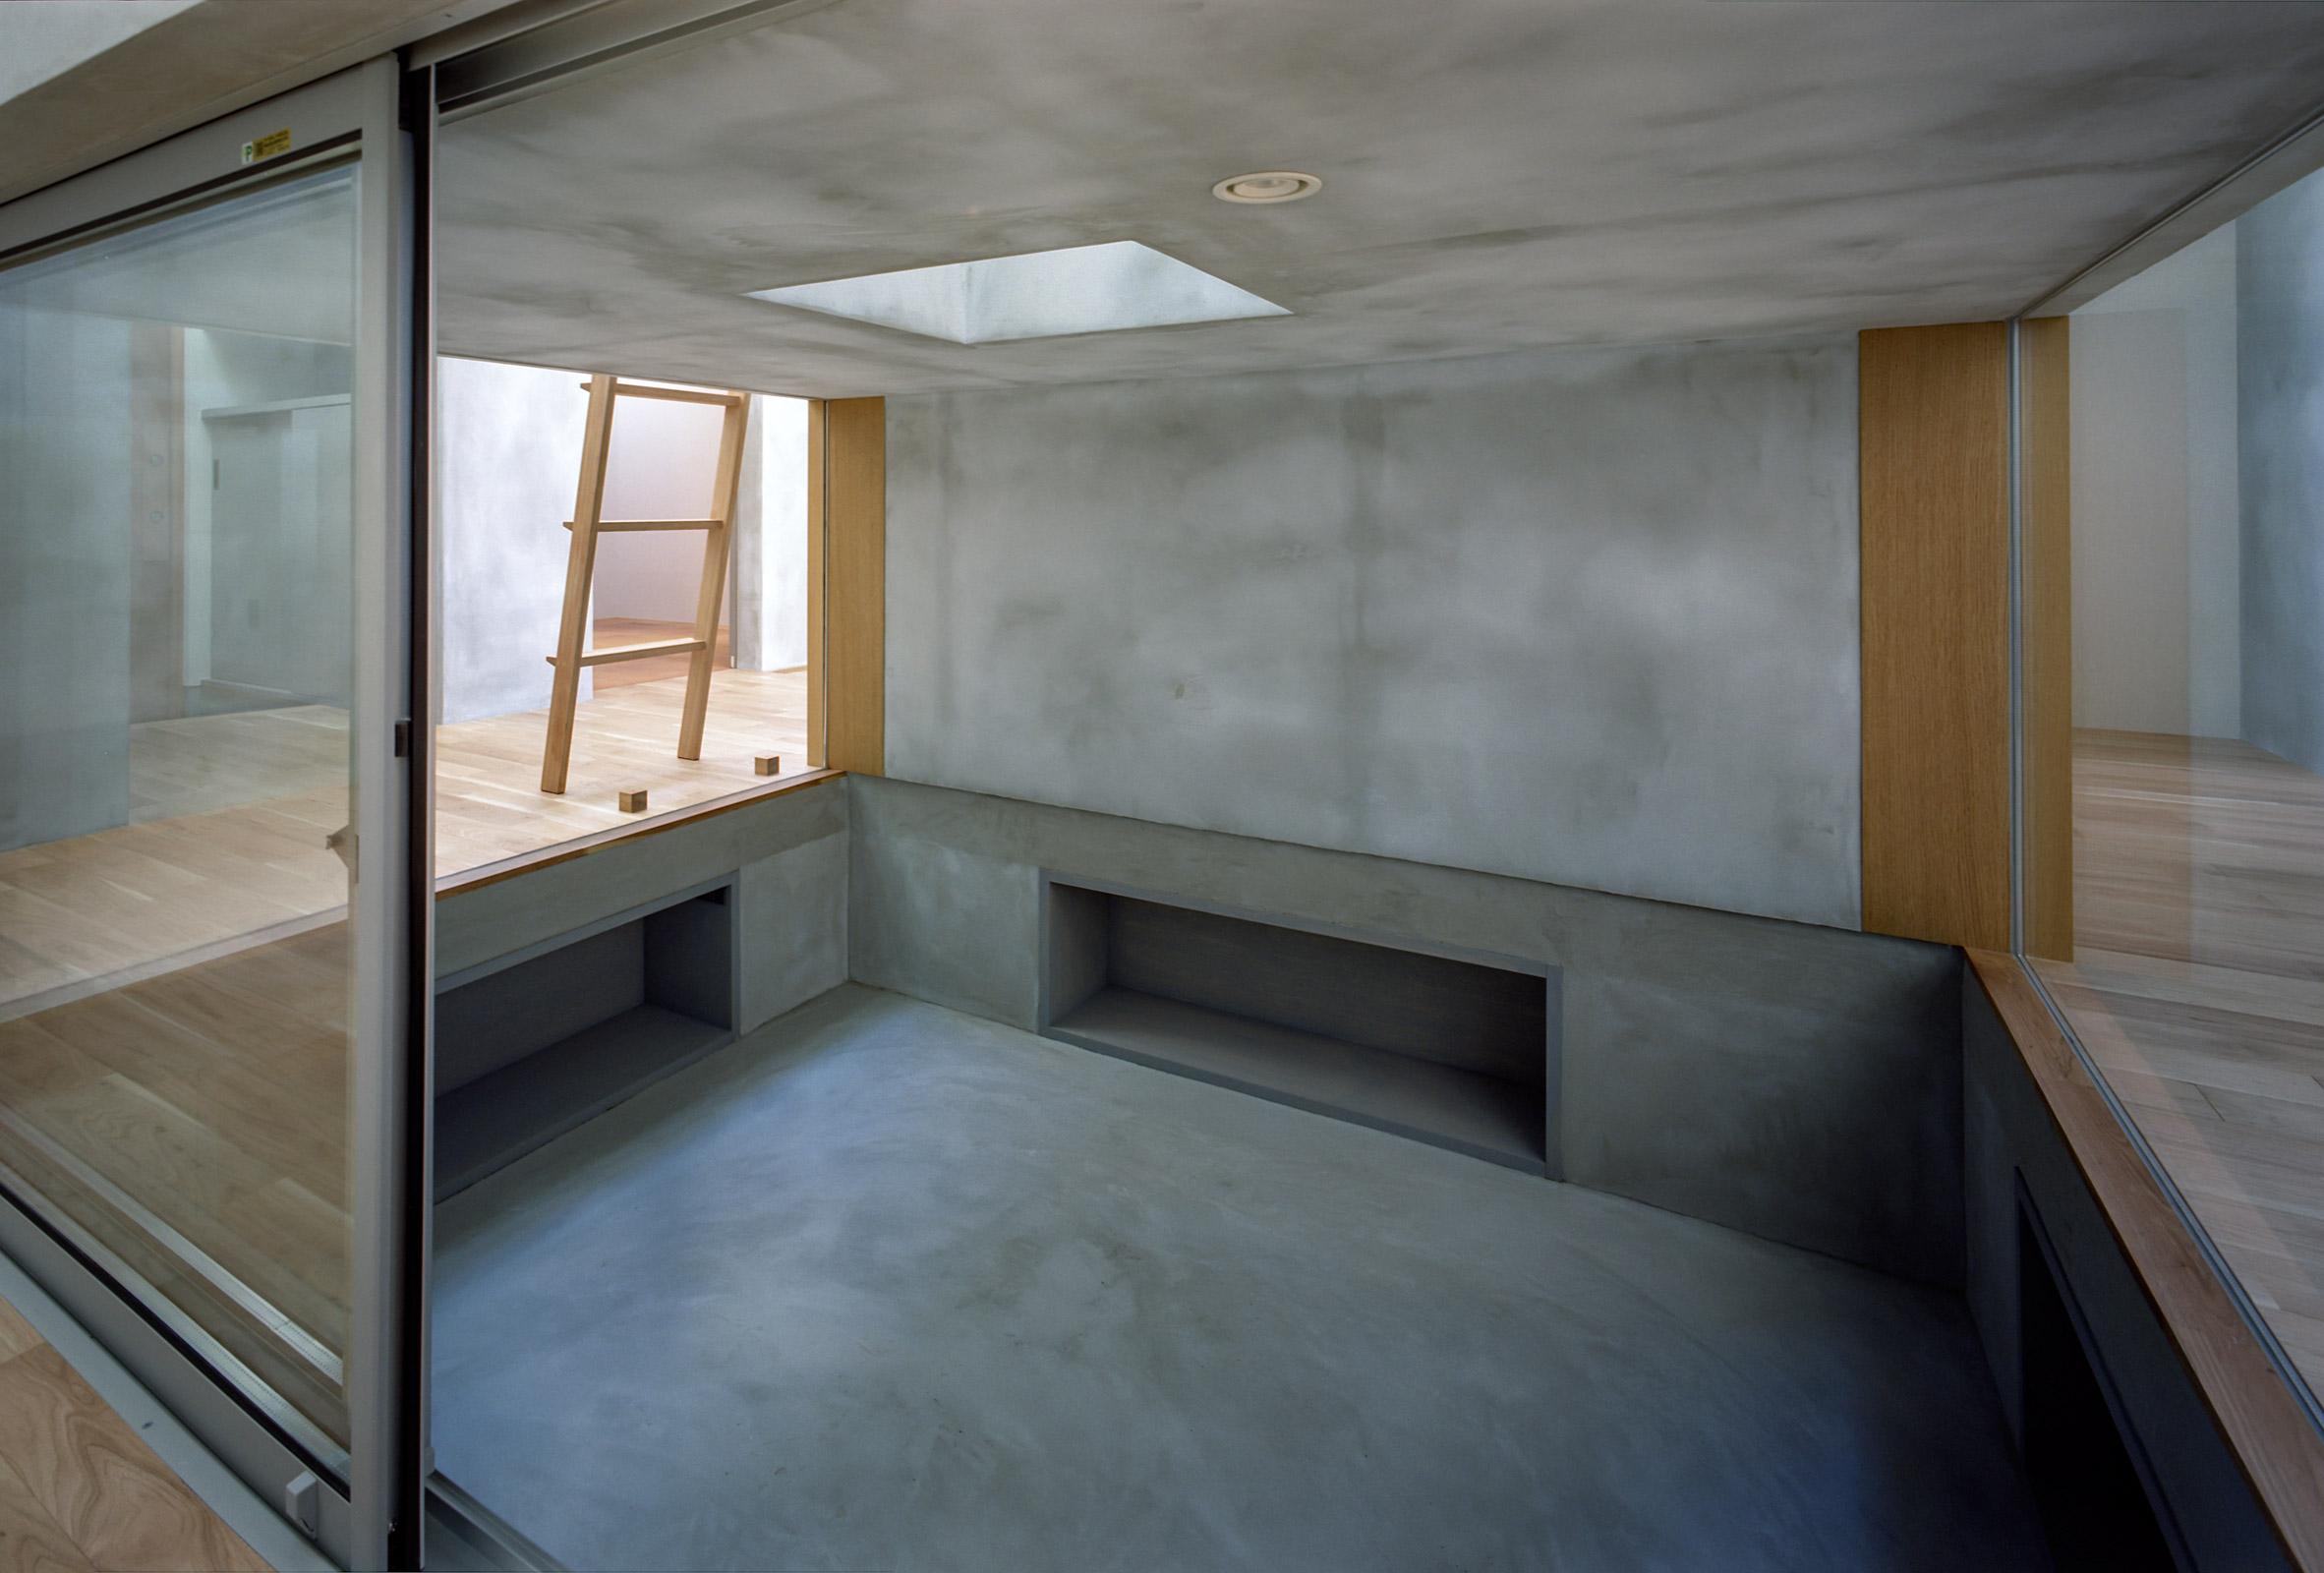 Sunken room